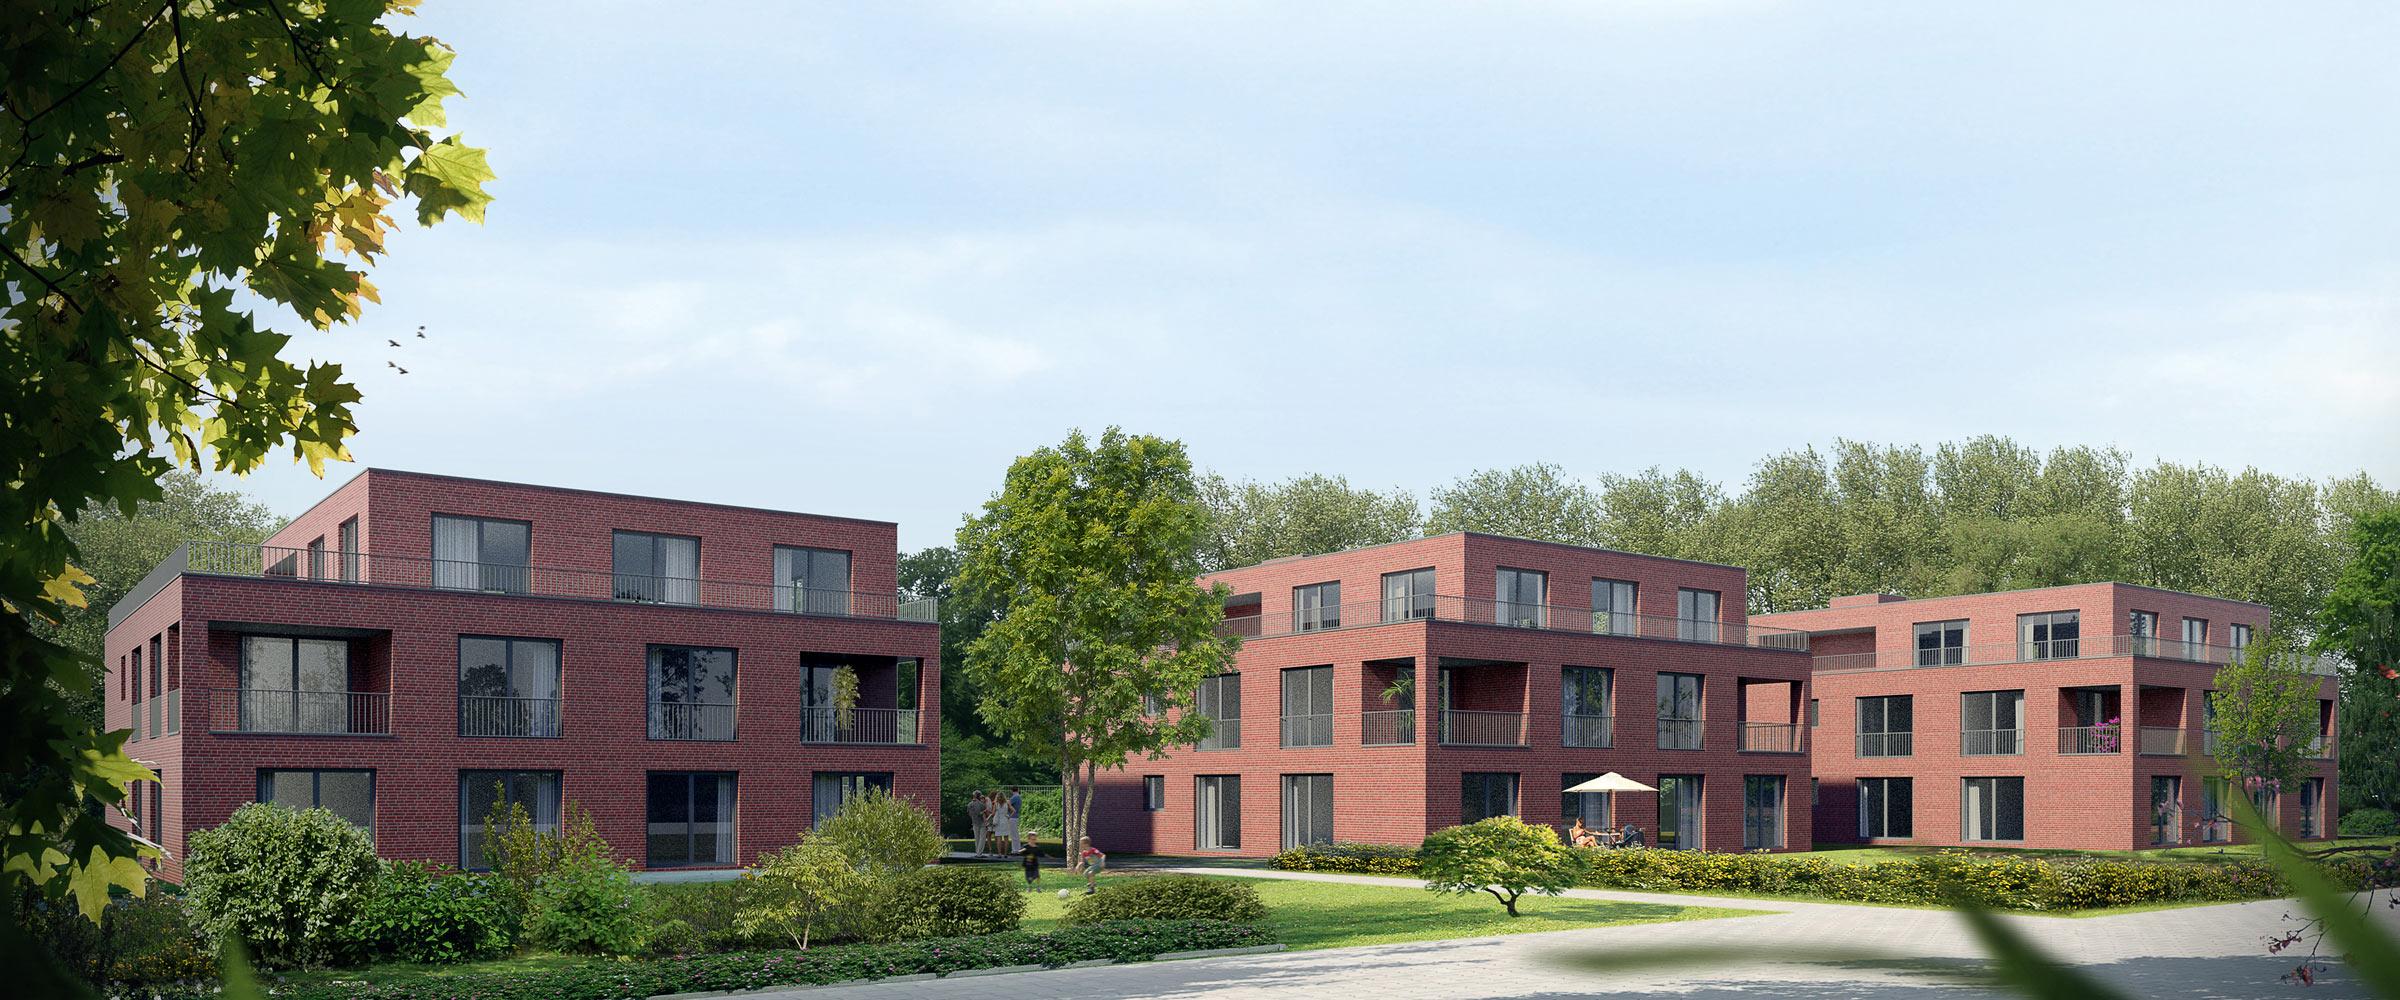 Bissendorf-Schledehausen